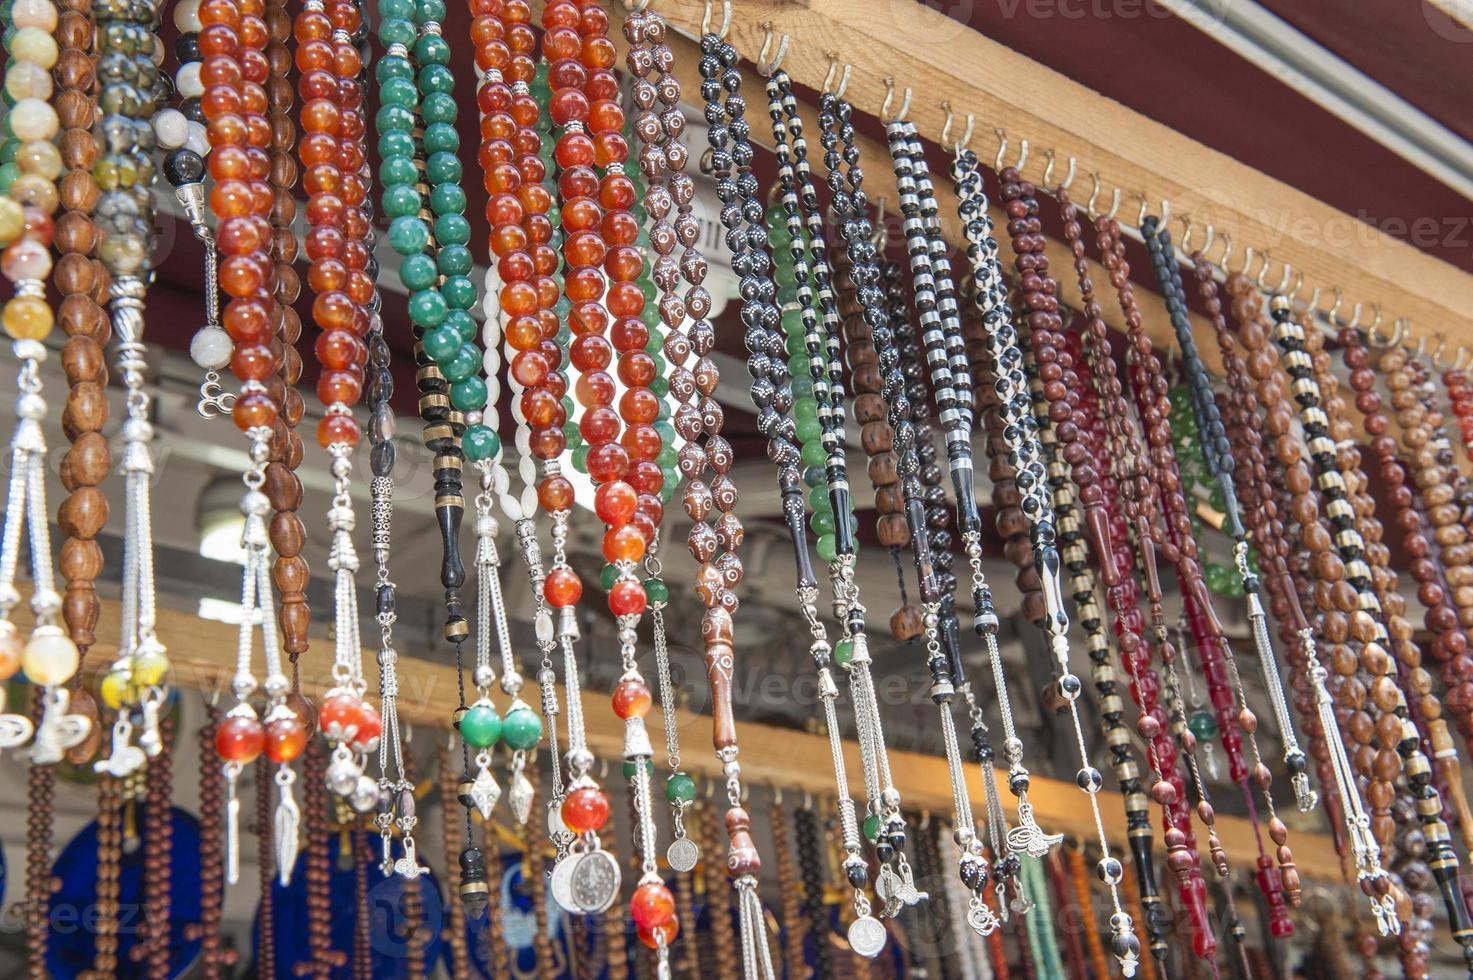 gioielli decorati appesi alla bancarella del mercato foto